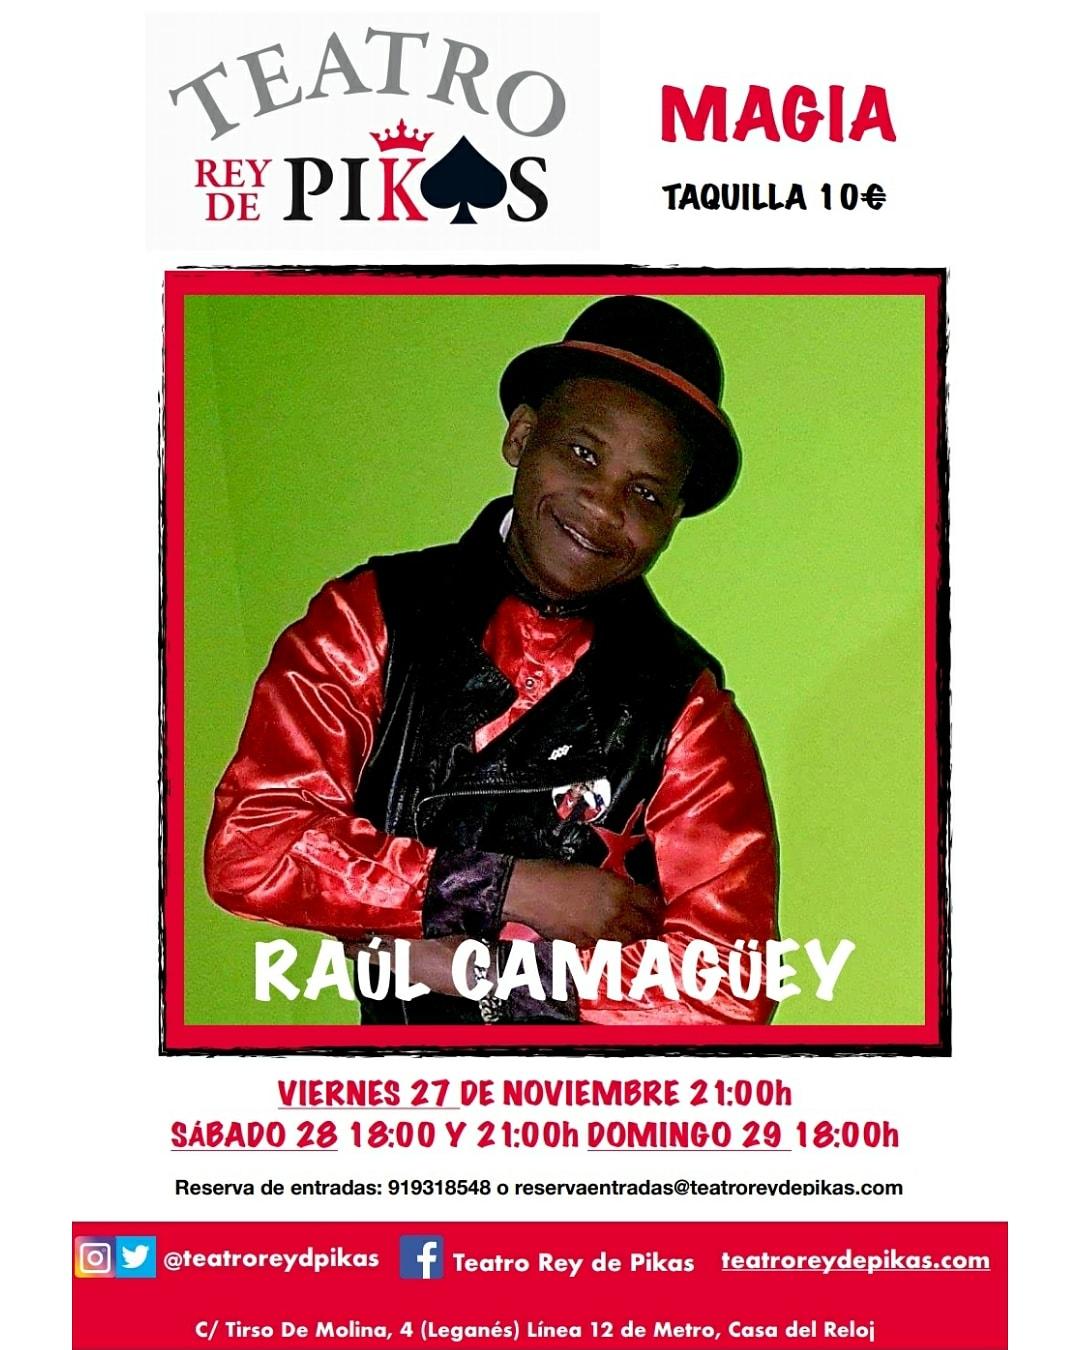 Magia con Raúl Camagüeyen elTeatro Rey de Pikas